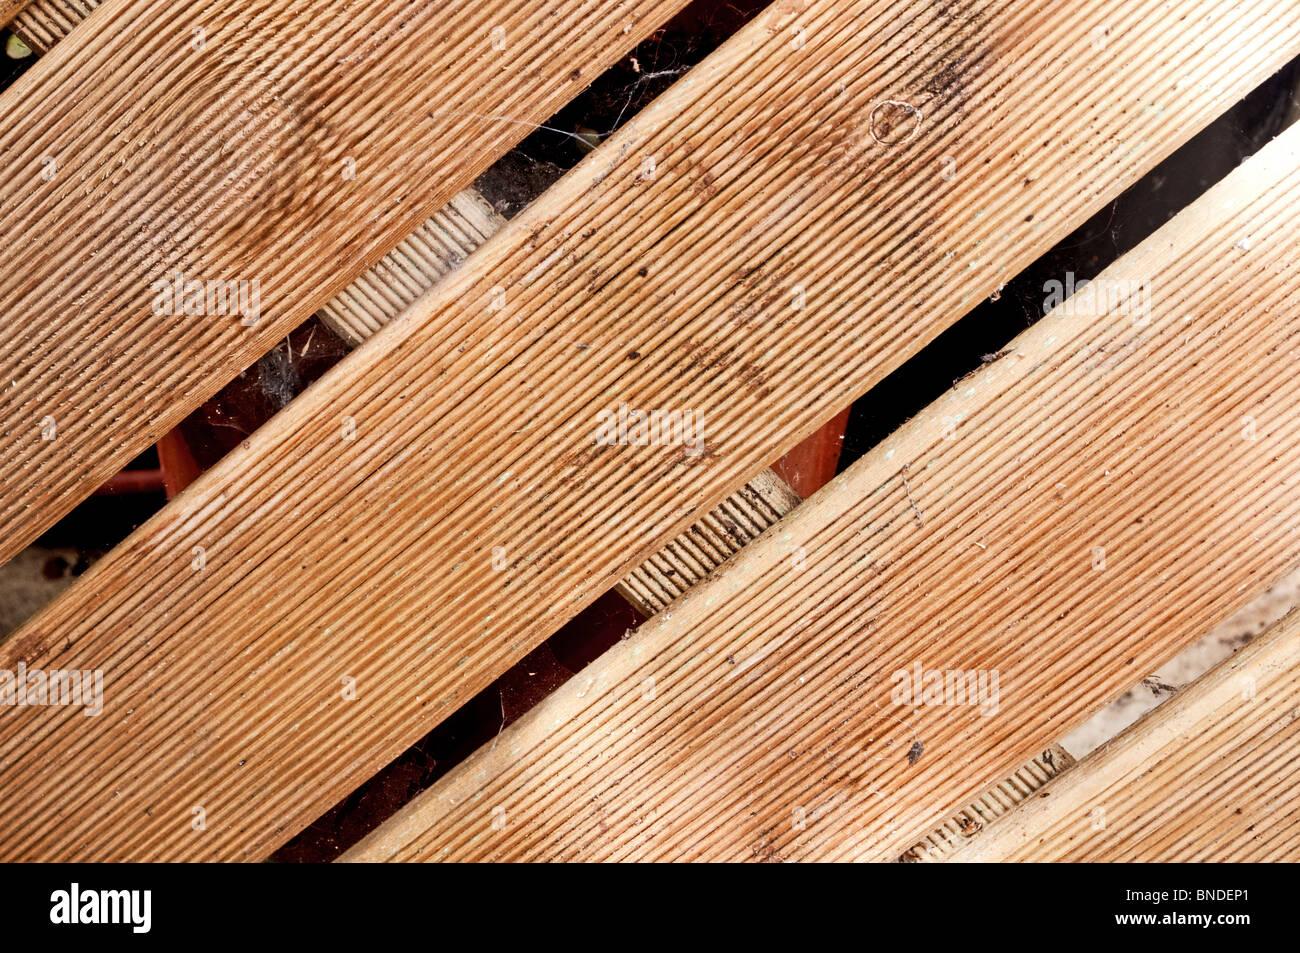 Revestimientos de madera desgastada en diagonal foto - Revestimientos de madera ...